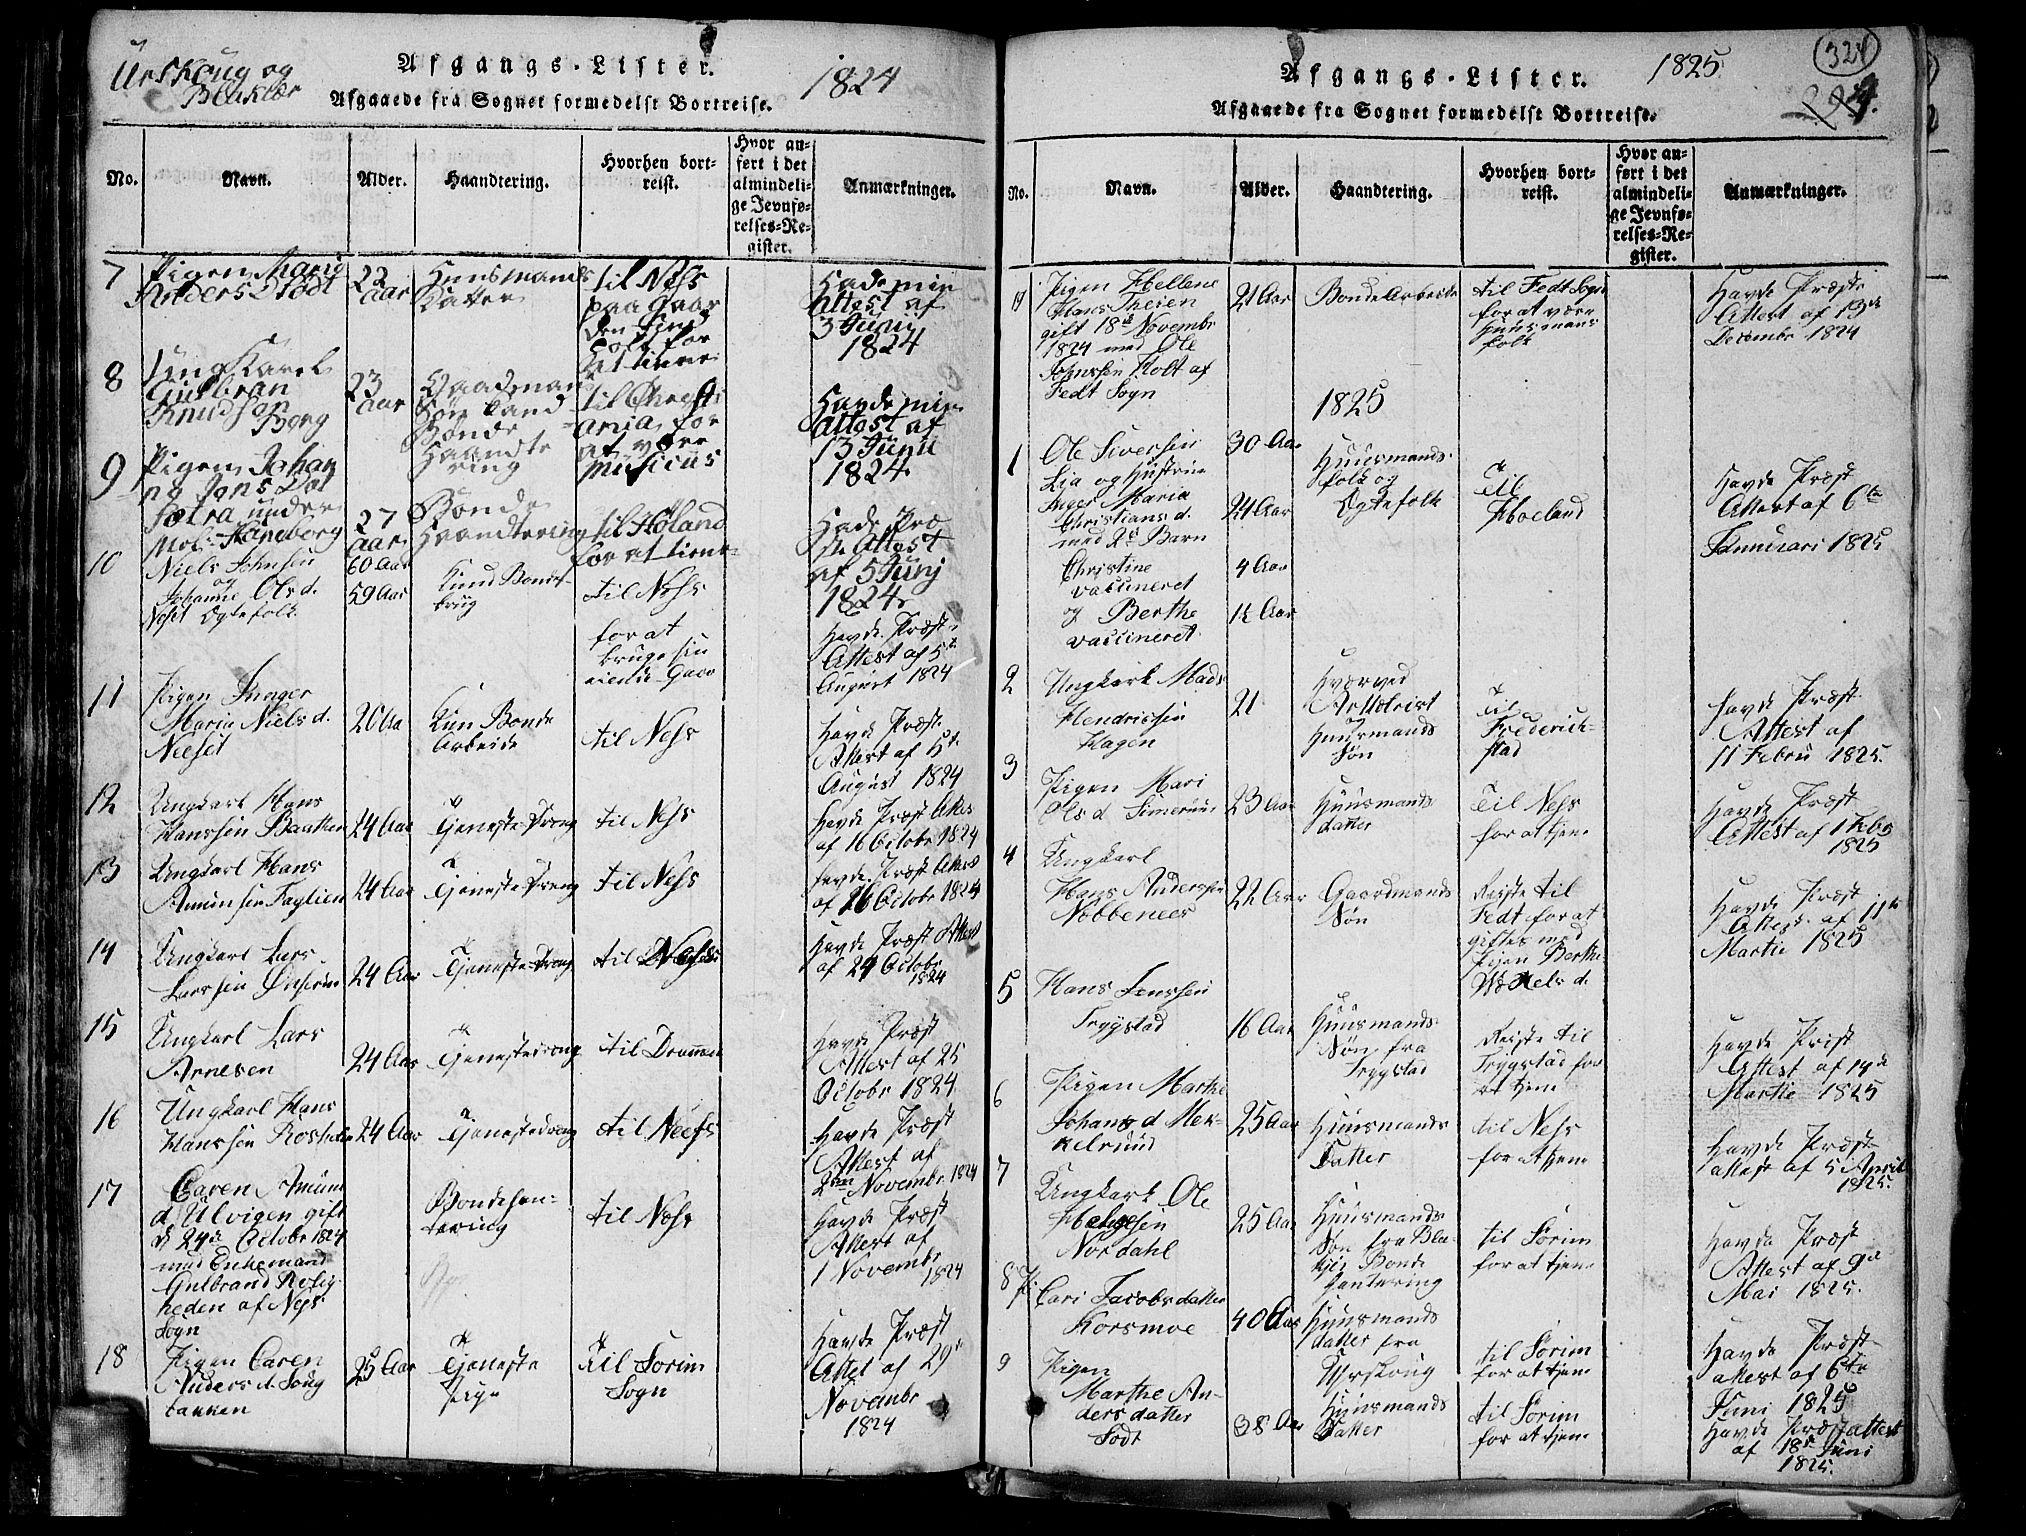 SAO, Aurskog prestekontor Kirkebøker, G/Ga/L0001: Klokkerbok nr. I 1, 1814-1829, s. 324